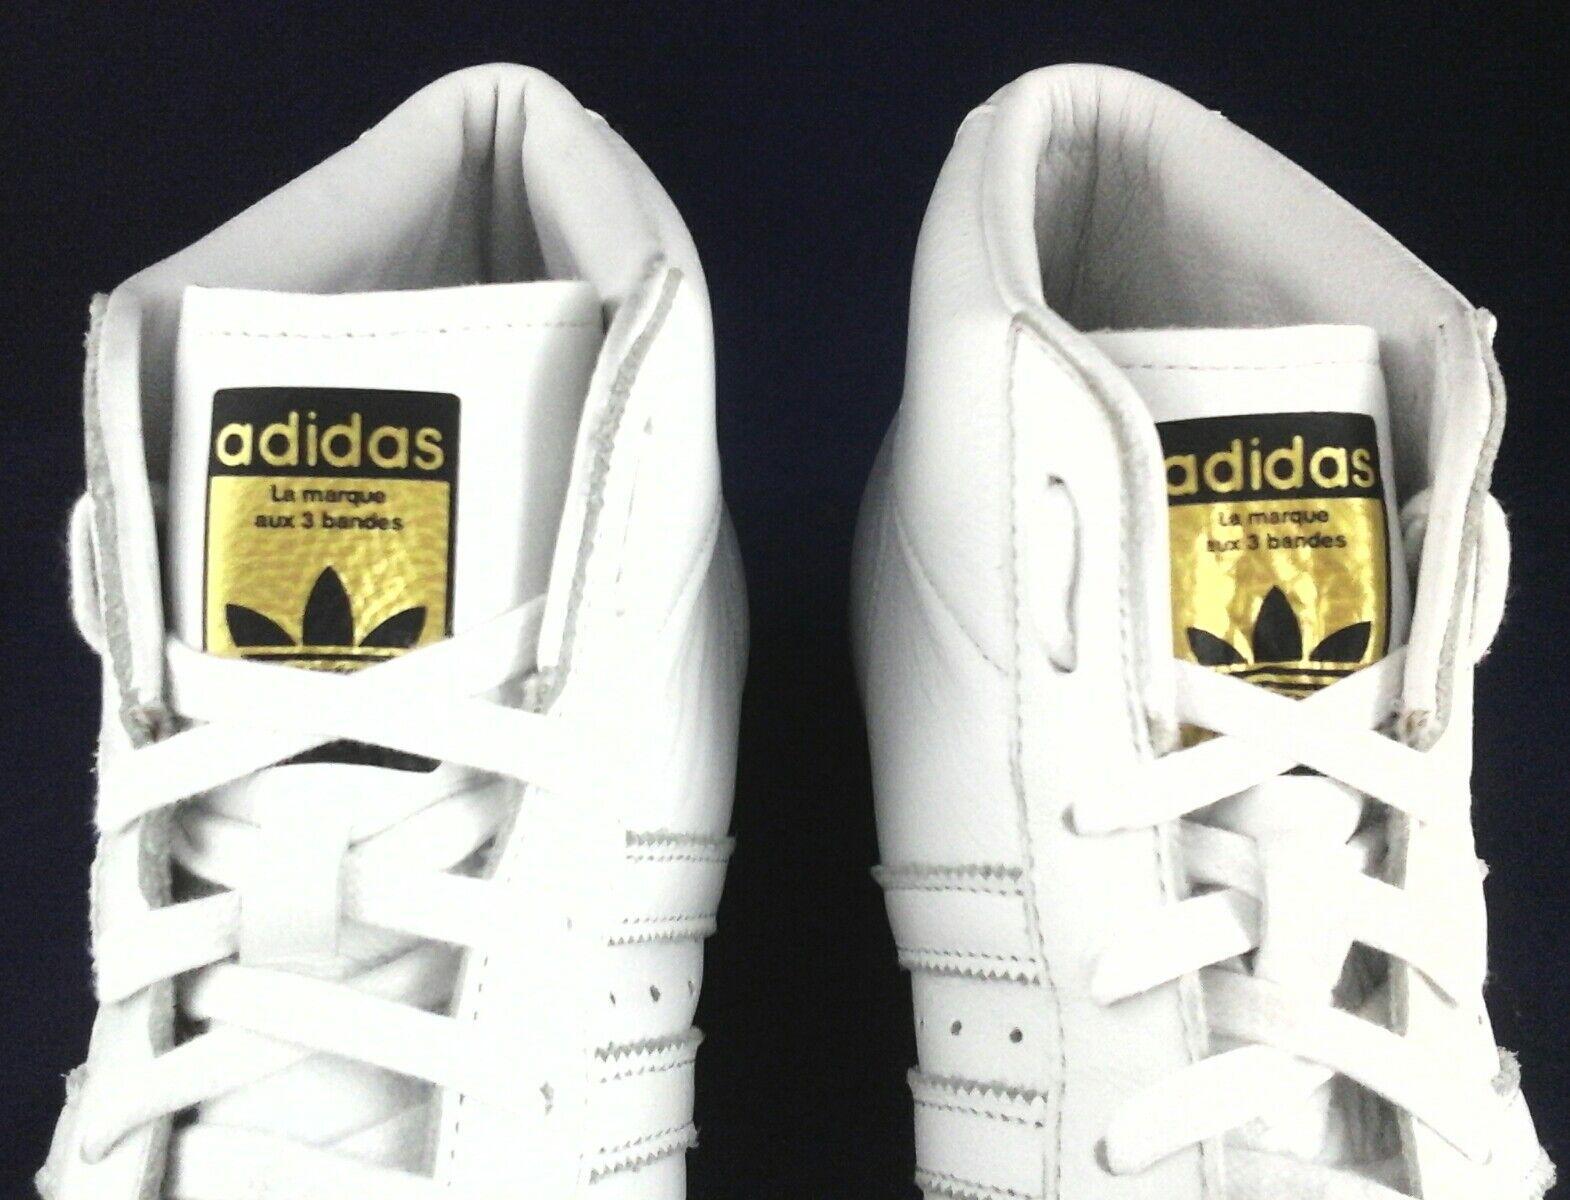 Adidas - turnschuhe, weiße high - top - modell bei bei bei uns s75841 11 / 3 120   2f1fa6